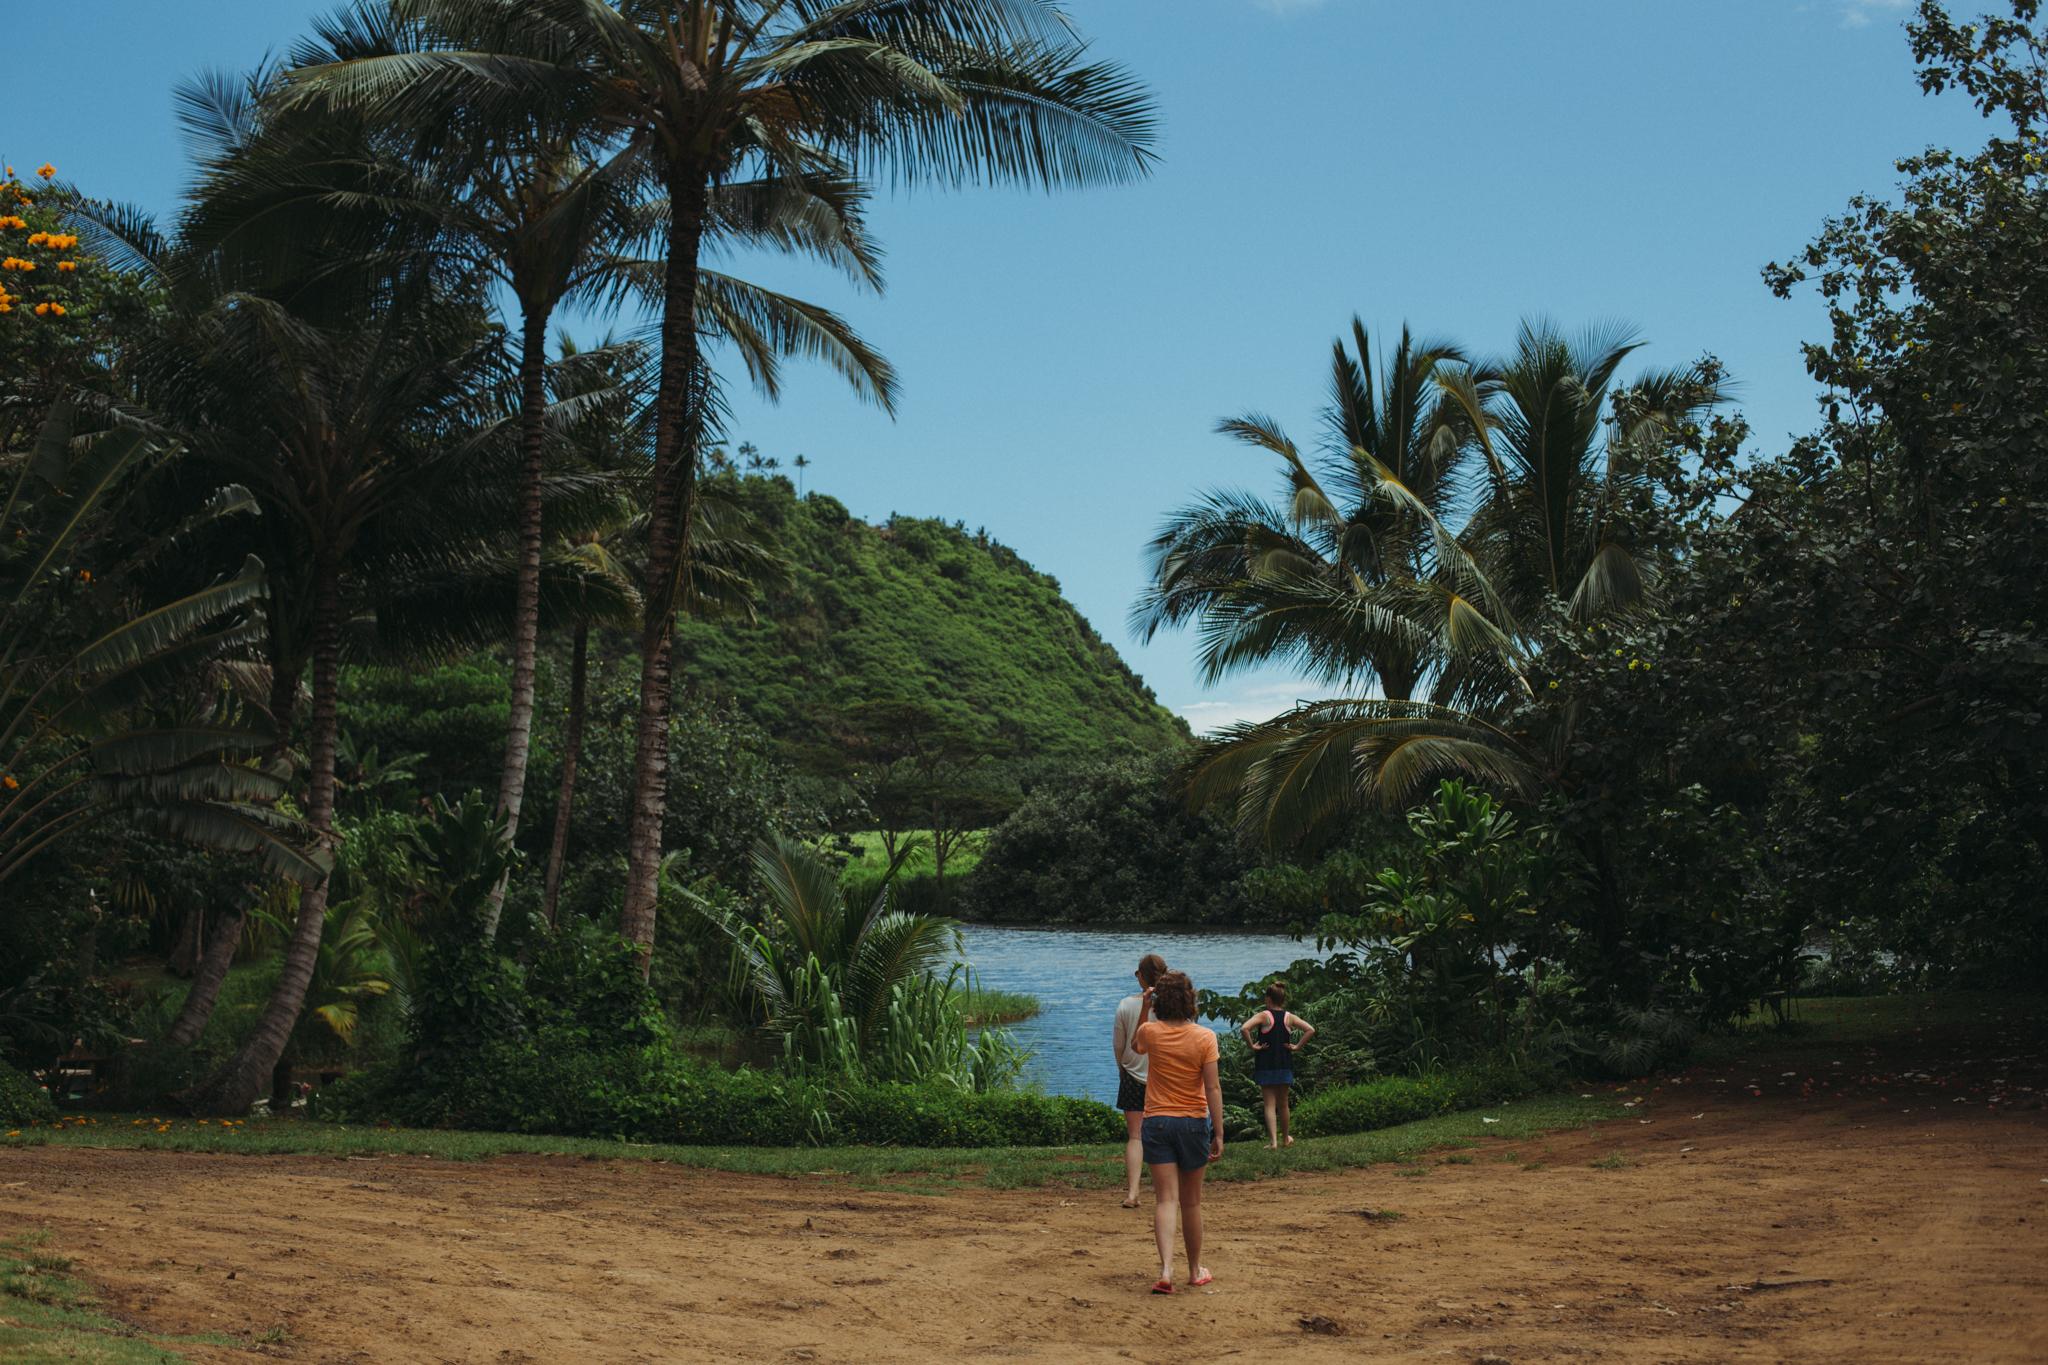 Kauai-024.jpg